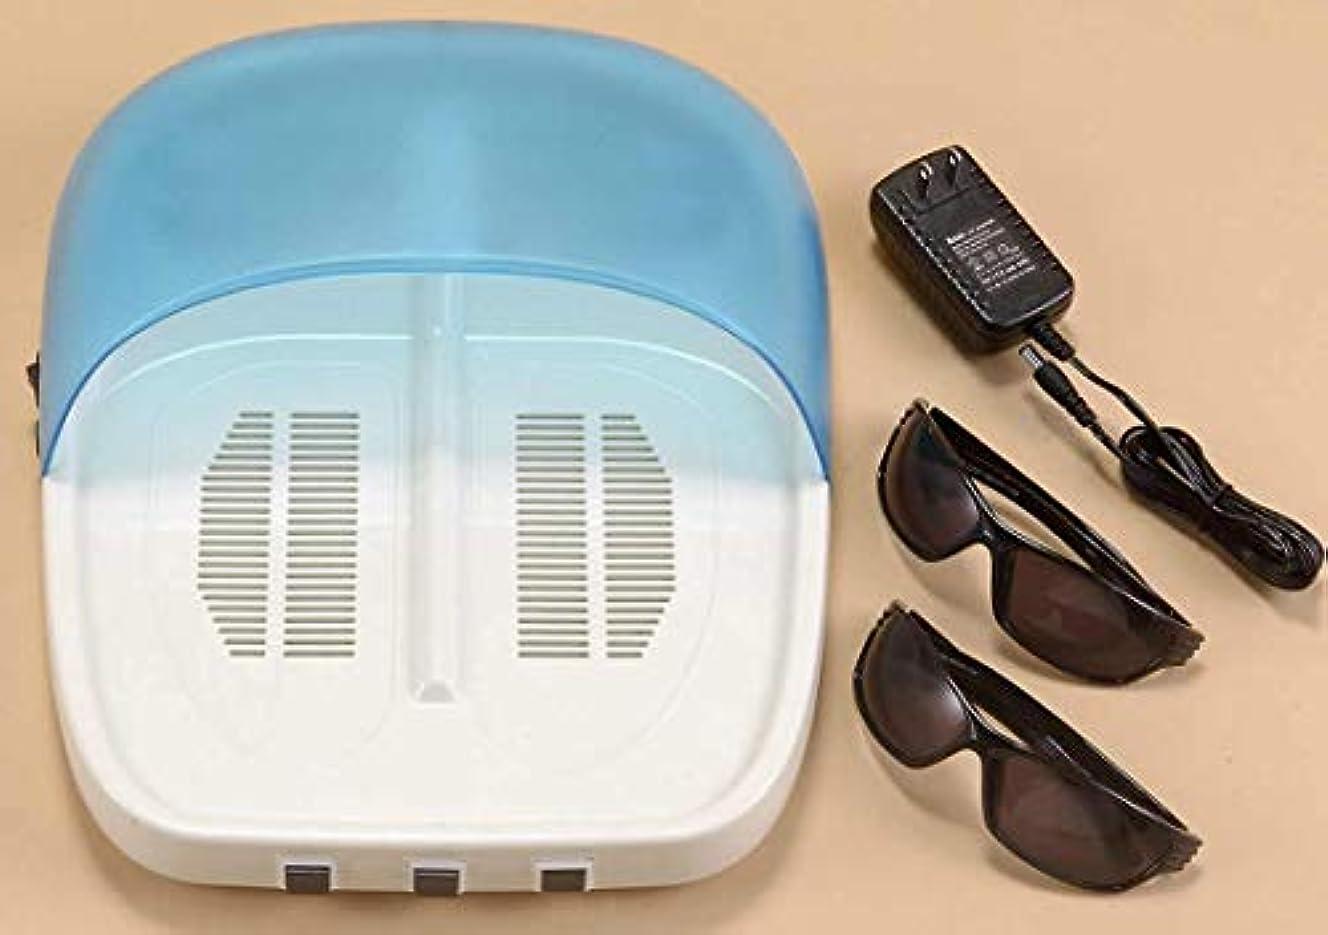 赤面砲撃貫通【紫外線治療器 NEW UVフットケア 水虫治療器 両足】 NEW UVフットケア 家庭用紫外線治療器 CUV-5(B482)